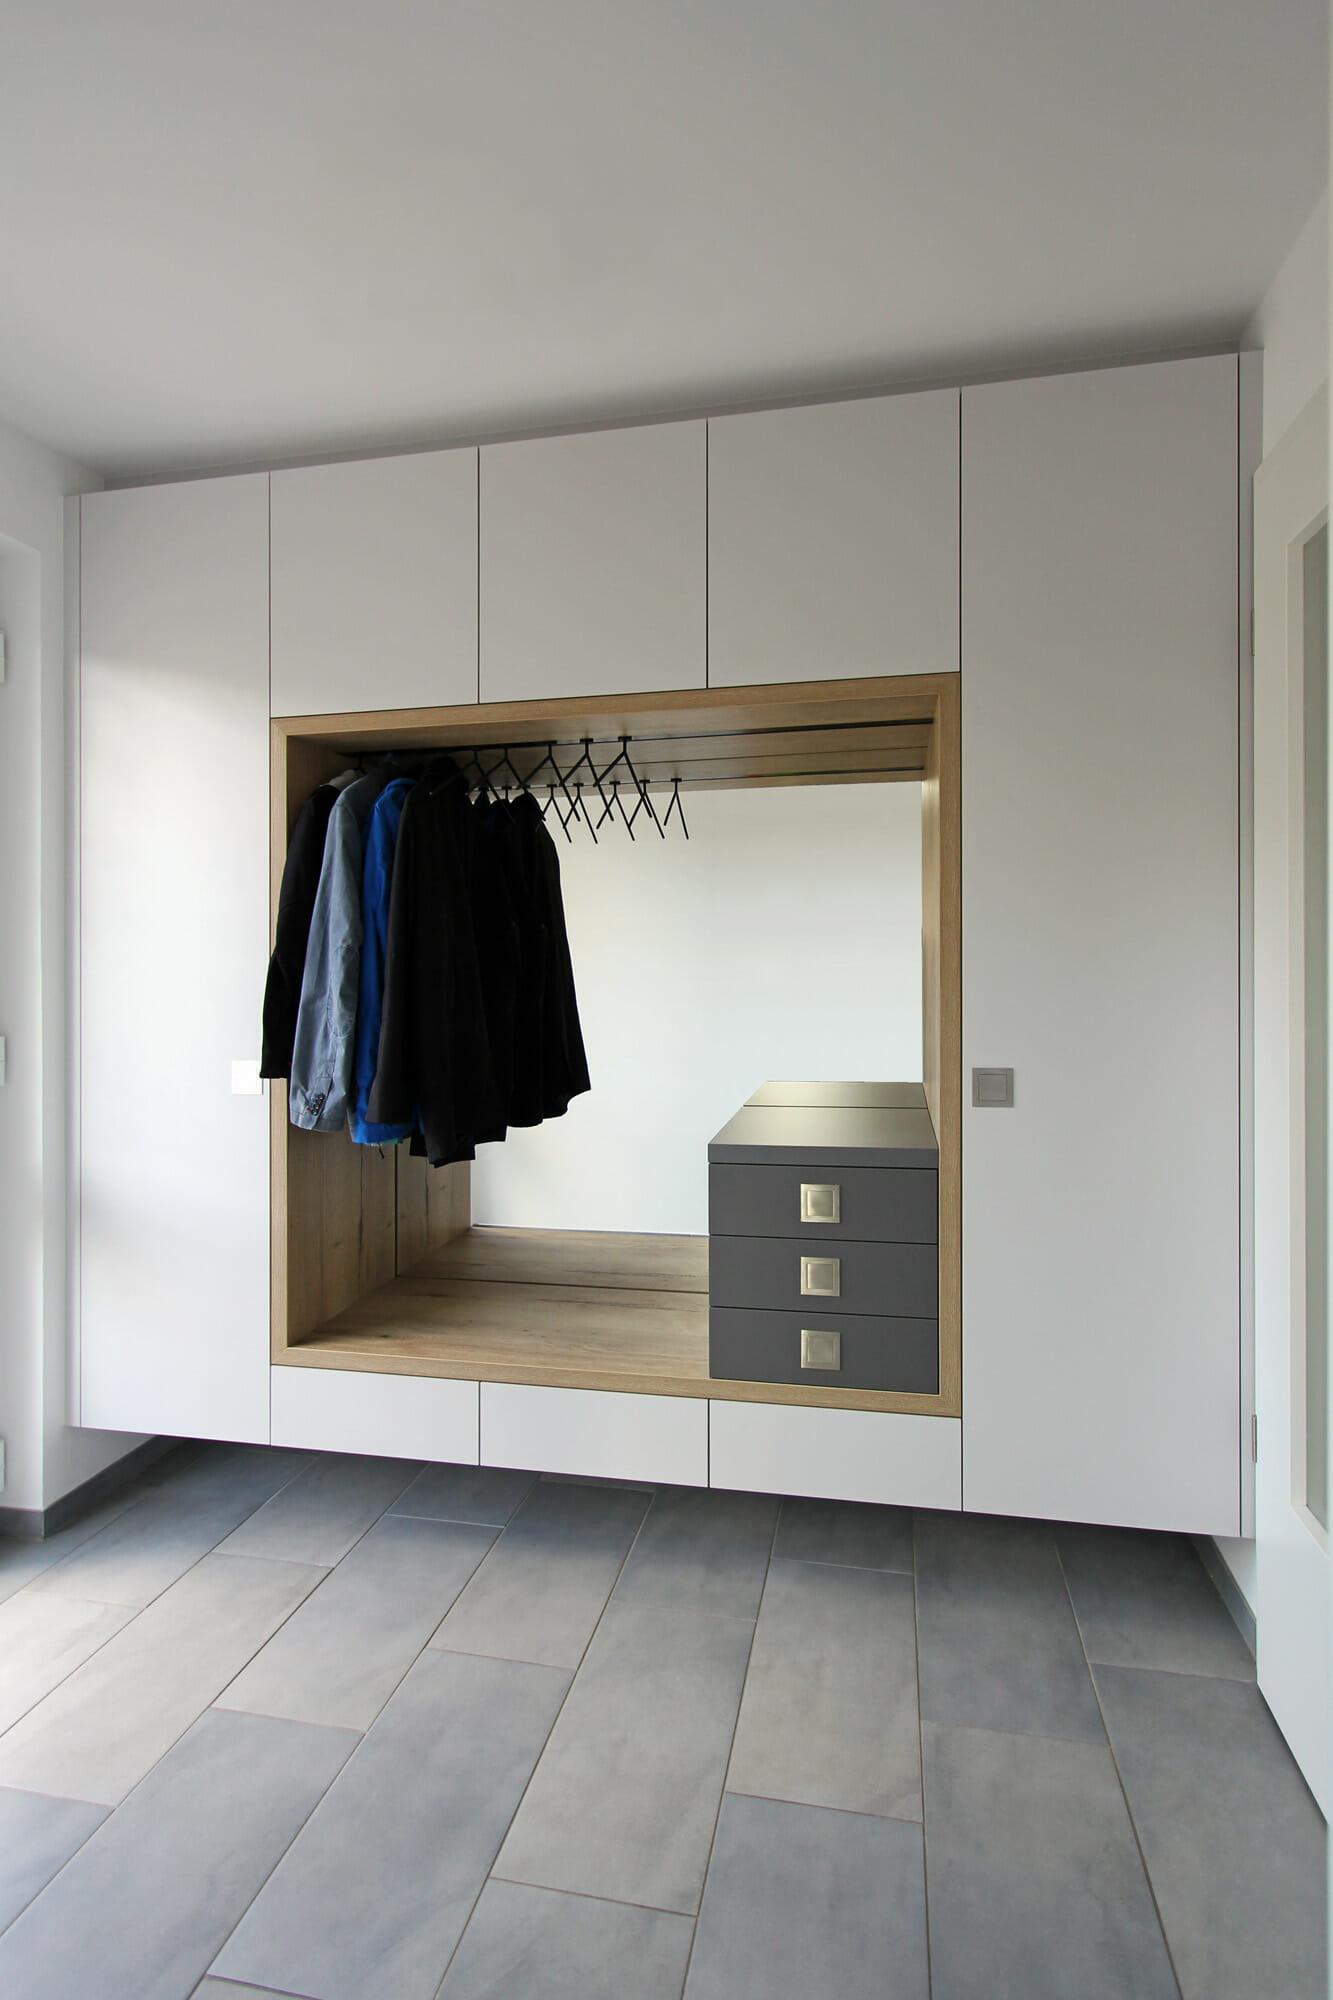 Flurmöbel mit Garderobe, Magnetkleiderbügel, Sitzniesche, Spiegel und Stauraum